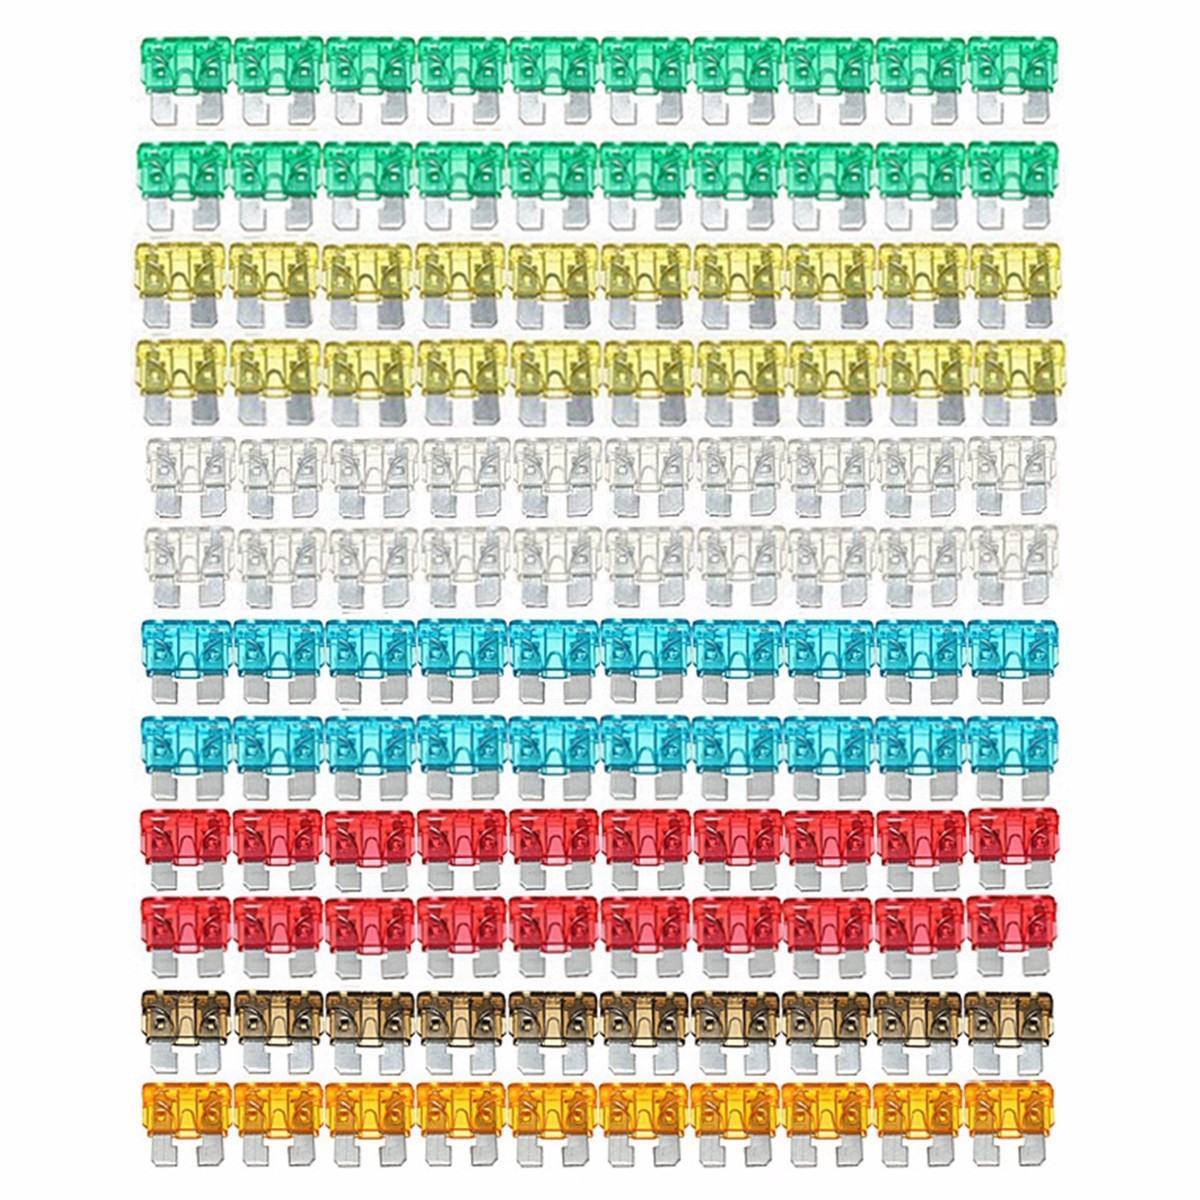 7 cores 120 pçs/set sortidas padrão misto carro auto lâmina fusível 5 a 7.5 a 10 a 15 20 a 25 a 30 a